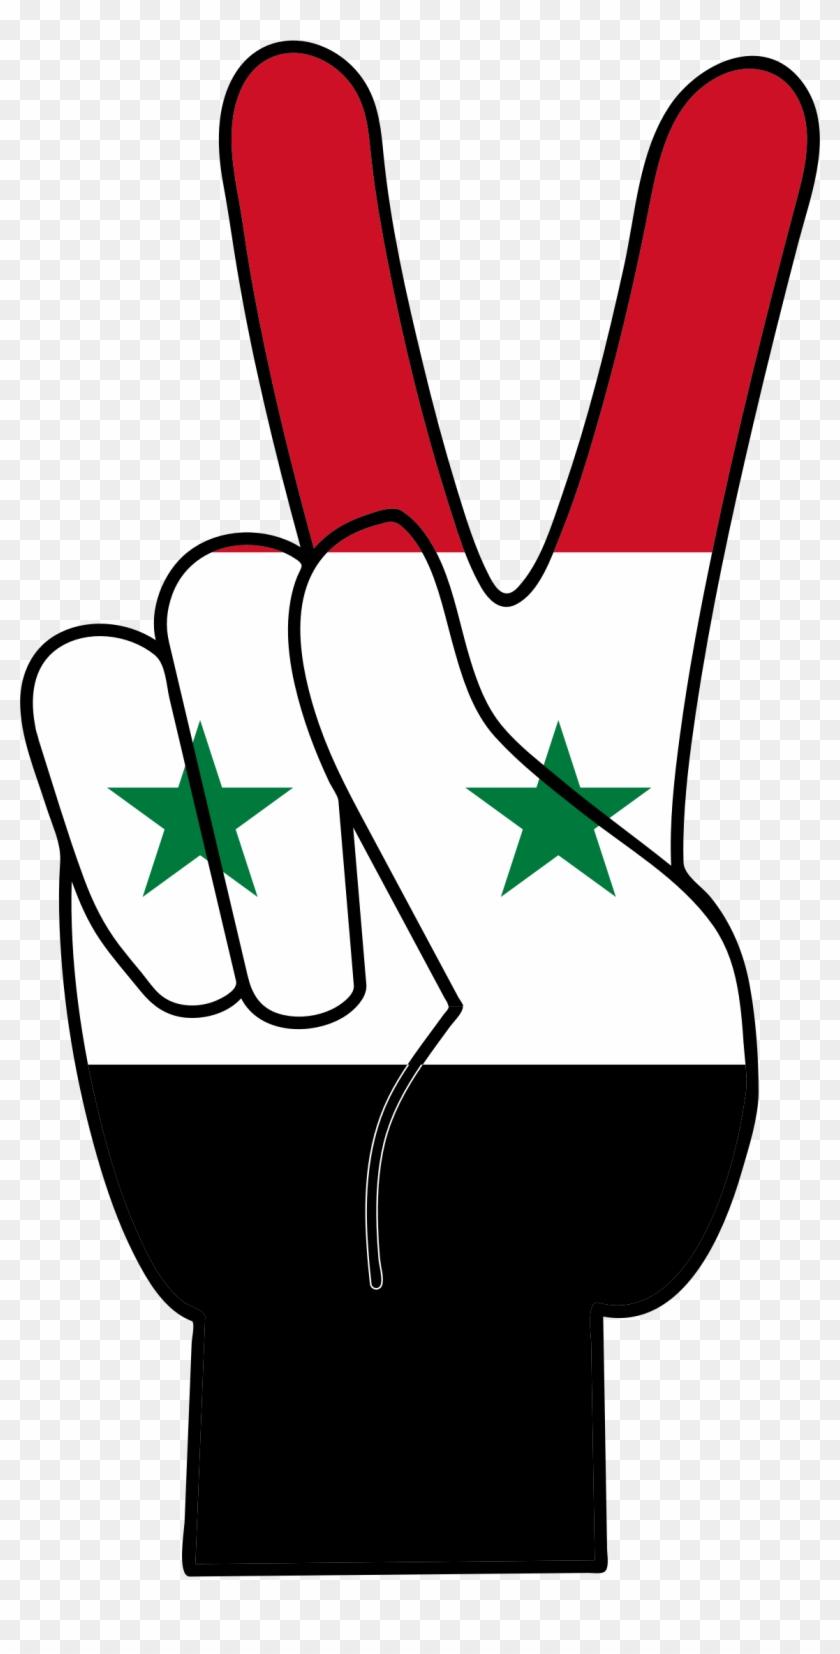 Peace Syria Civil War Symbols Free Transparent Png Clipart